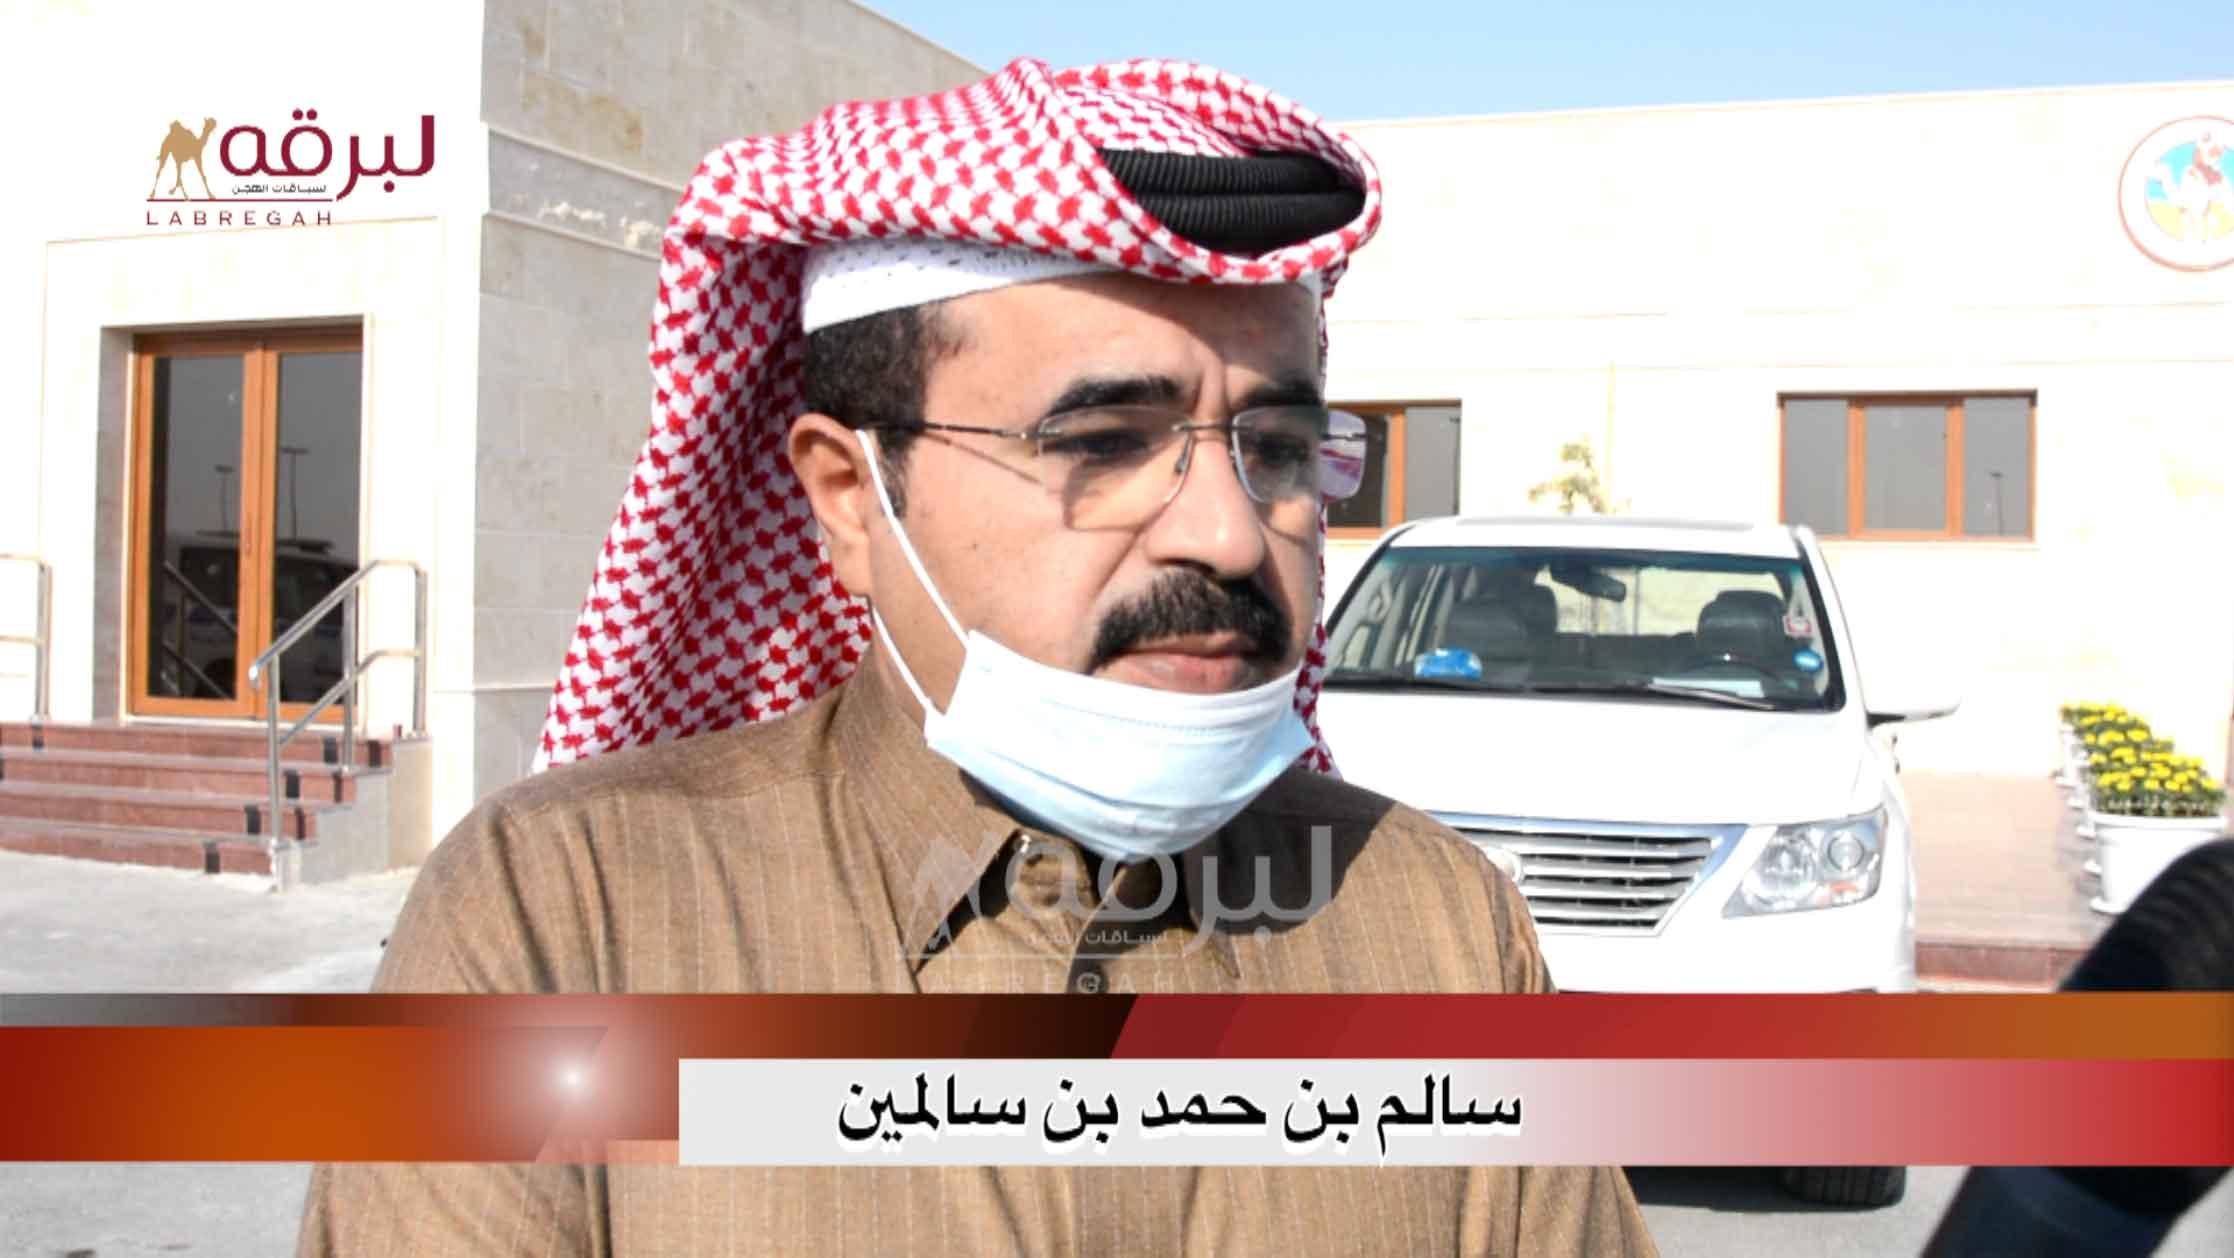 لقاء مع سالم بن حمد بن سالمين.. الخنجر الفضي ثنايا قعدان « عمانيات » الأشواط العامة  ٢٣-١-٢٠٢١